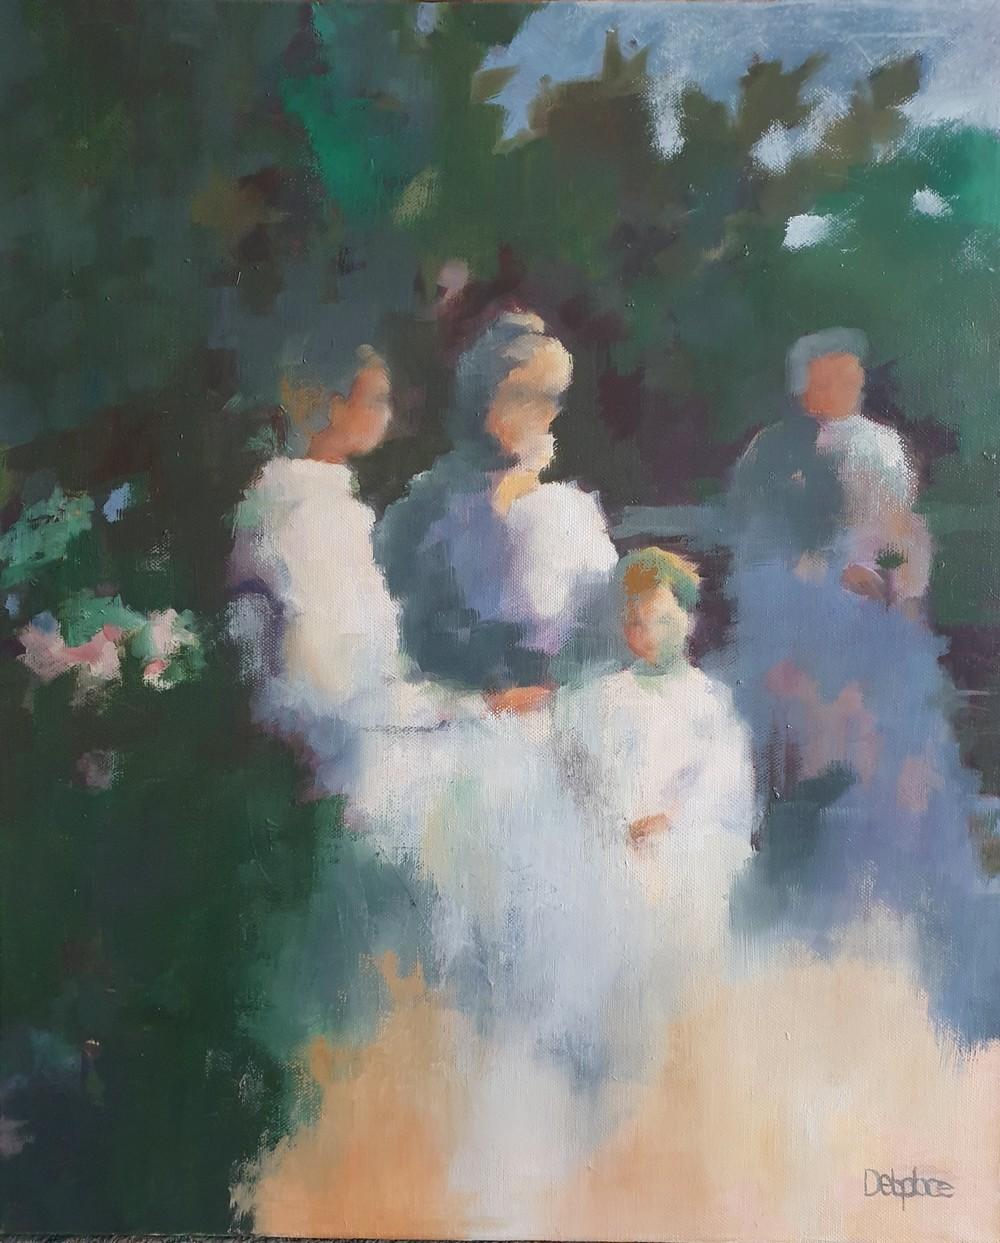 Le thé au jardin - 46 x 55 cm